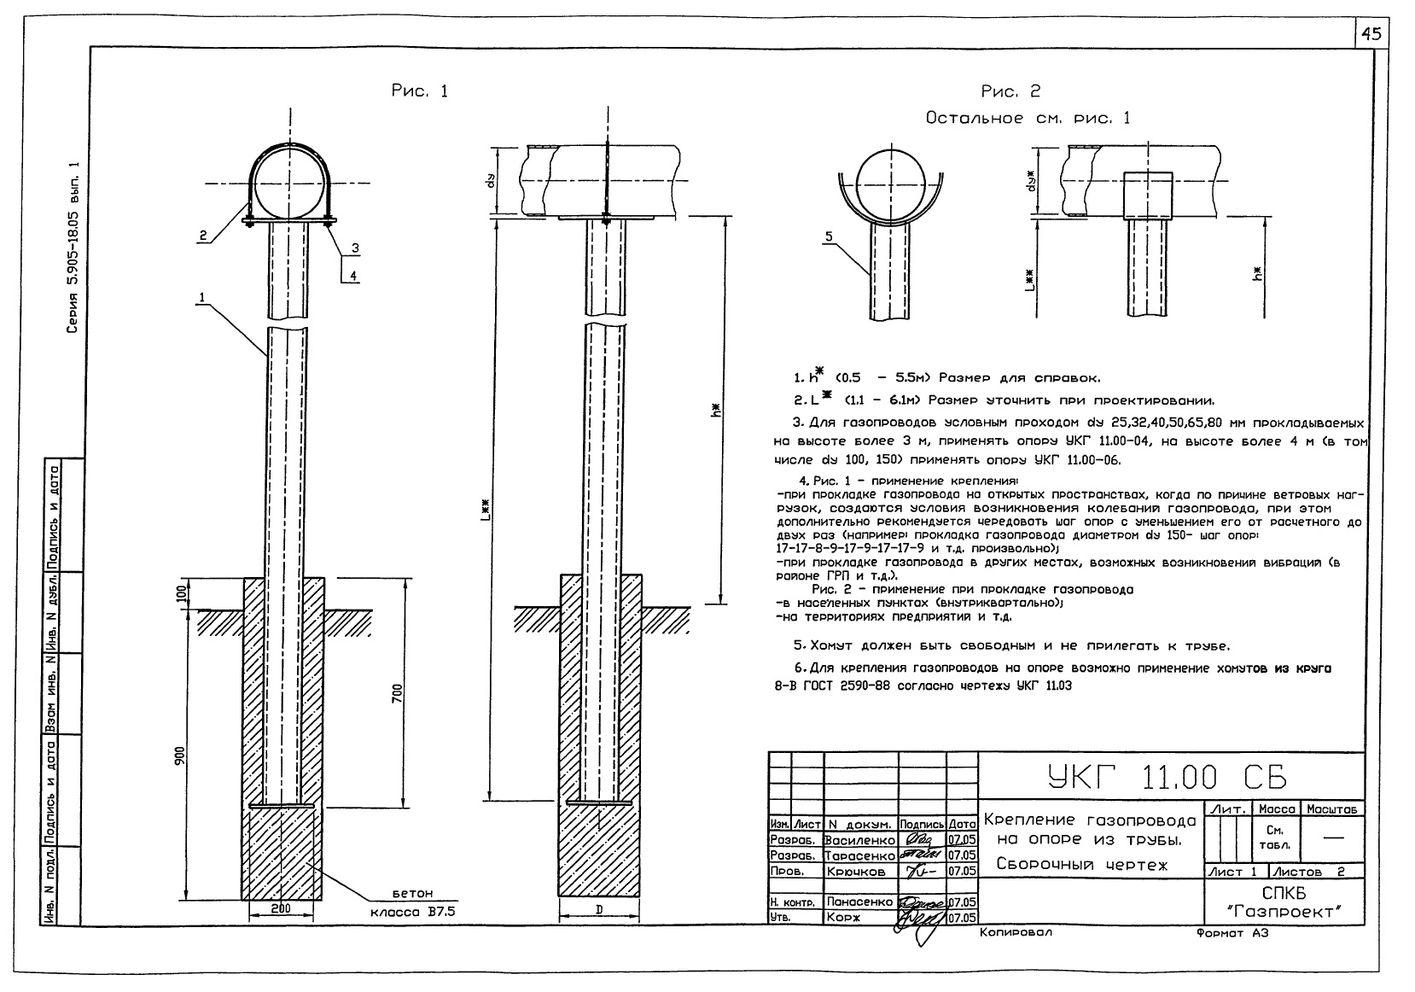 Крепление газопровода на опоре из труб УКГ 11.00 СБ серия 5.905-18.05 выпуск 1 стр.1